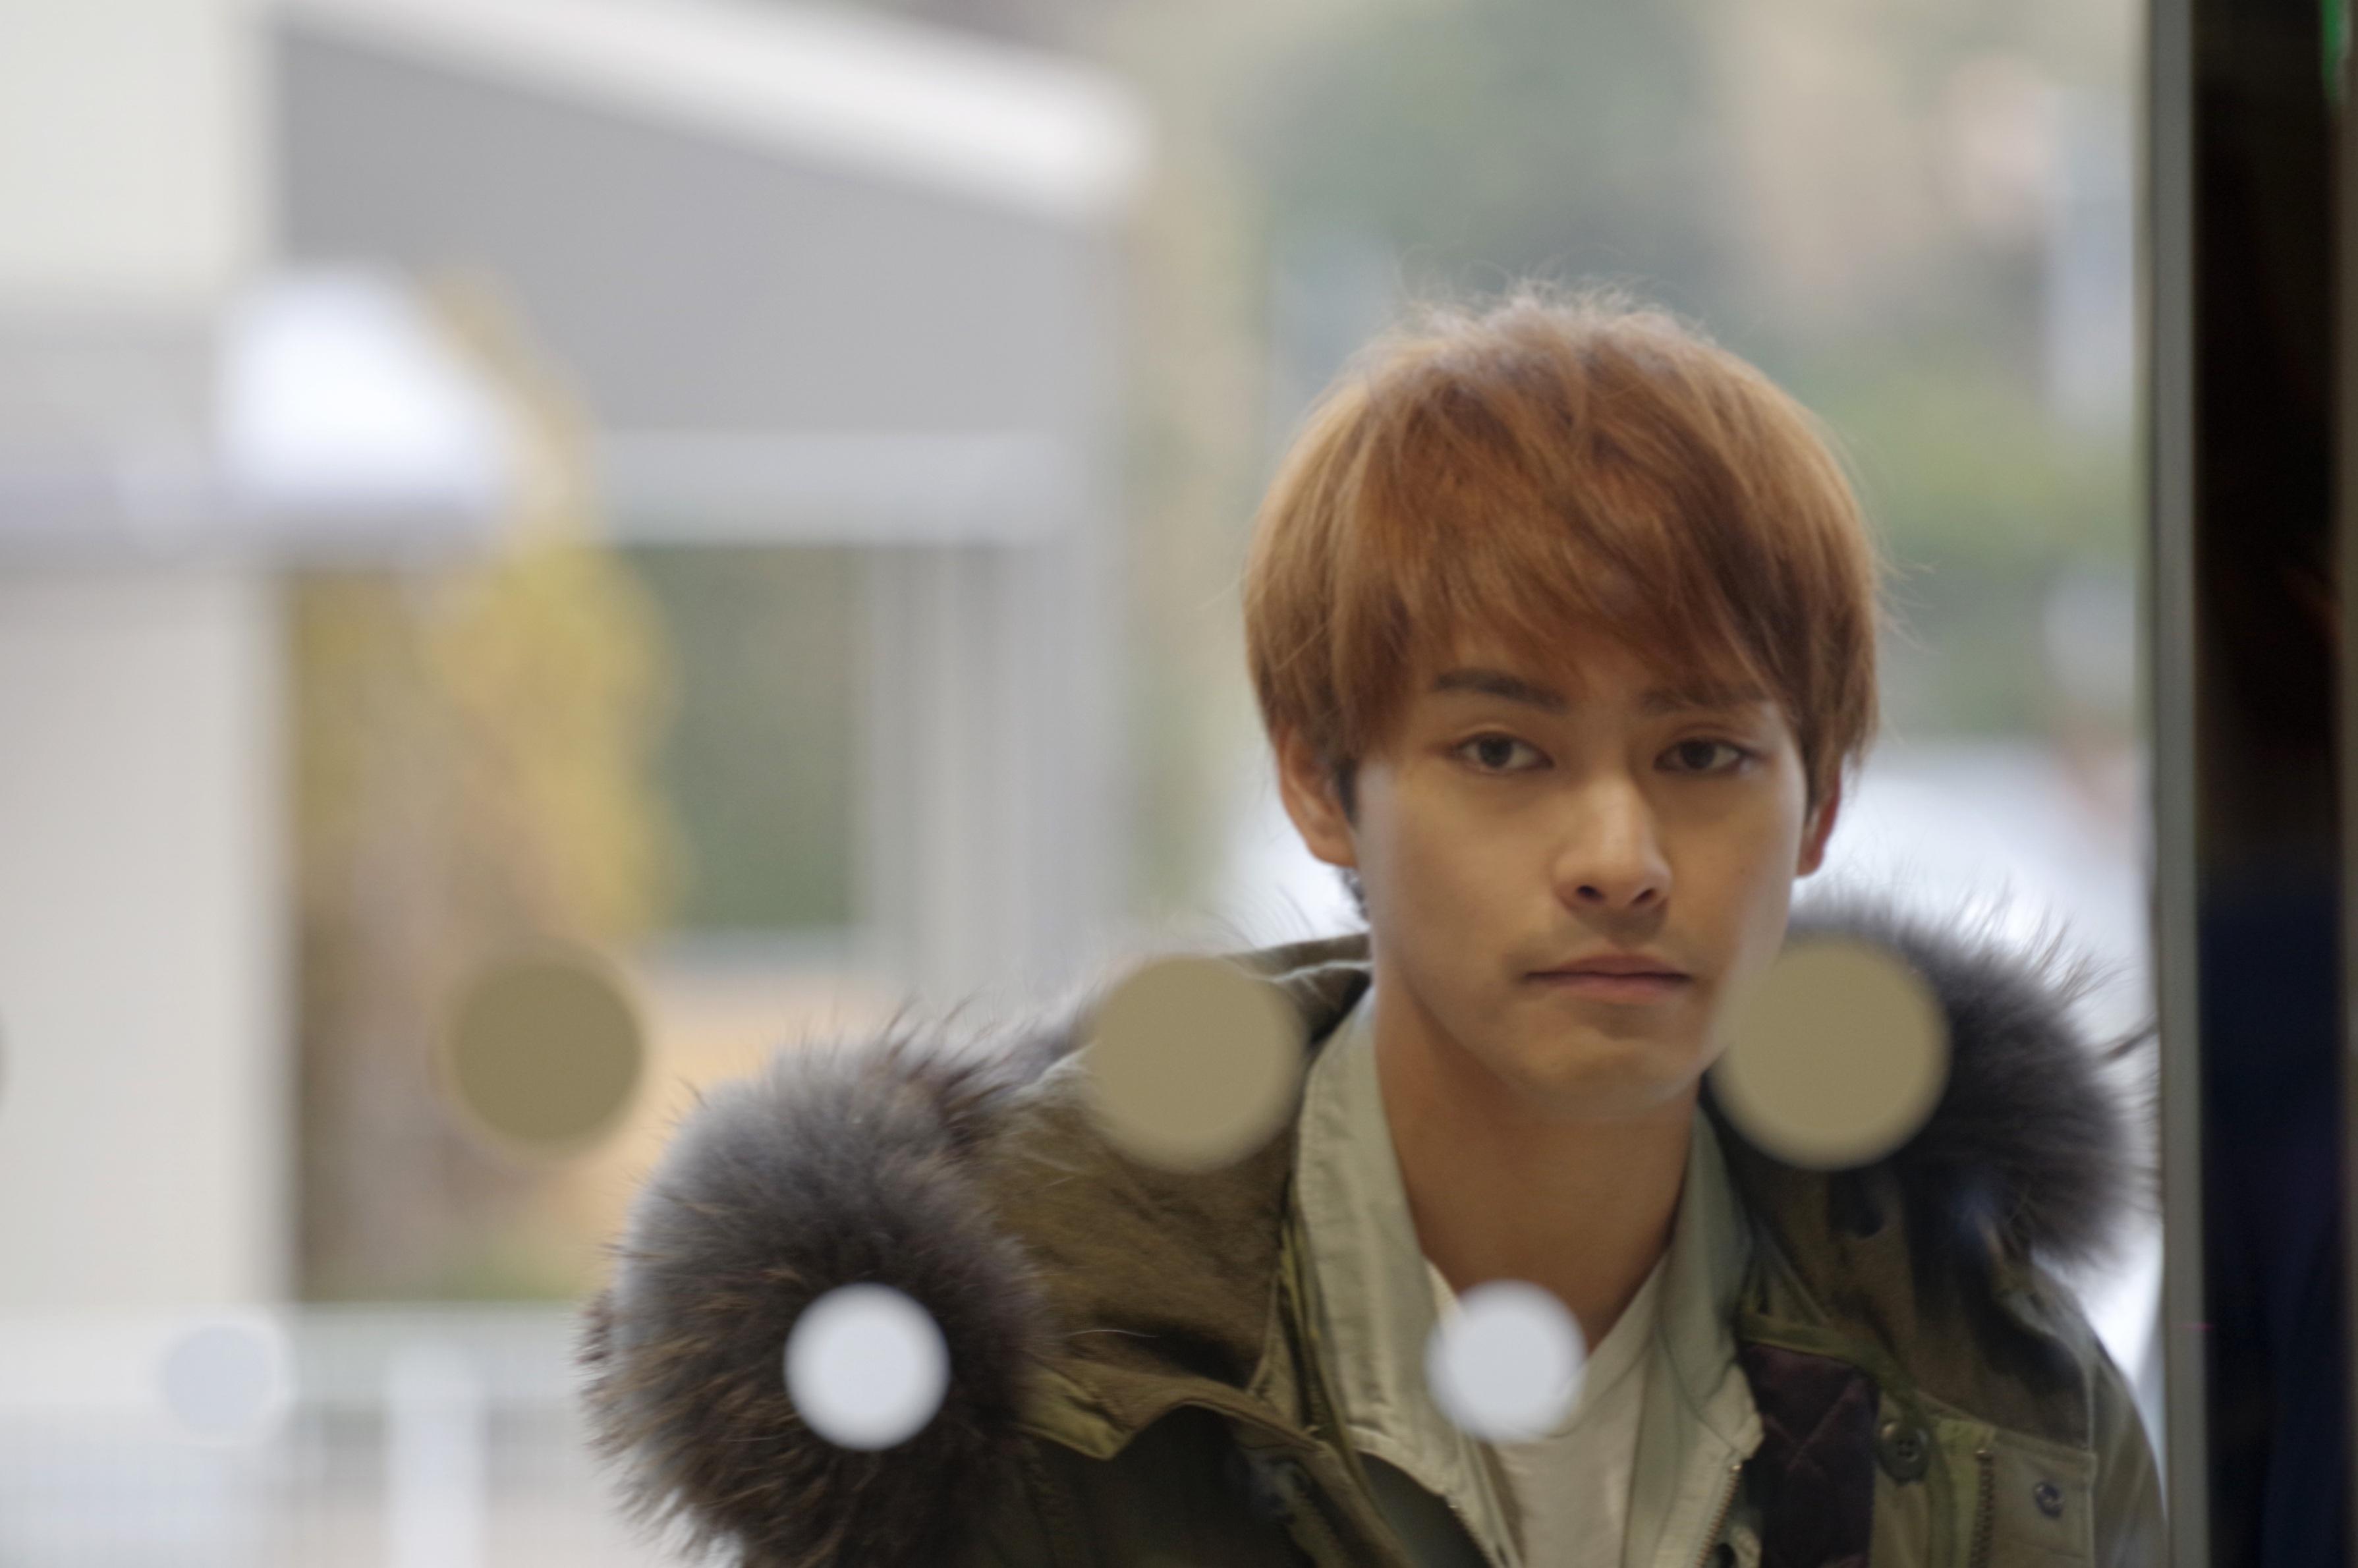 映画「夜明け」より。主人公のシンイチを演じる柳楽優弥さん。